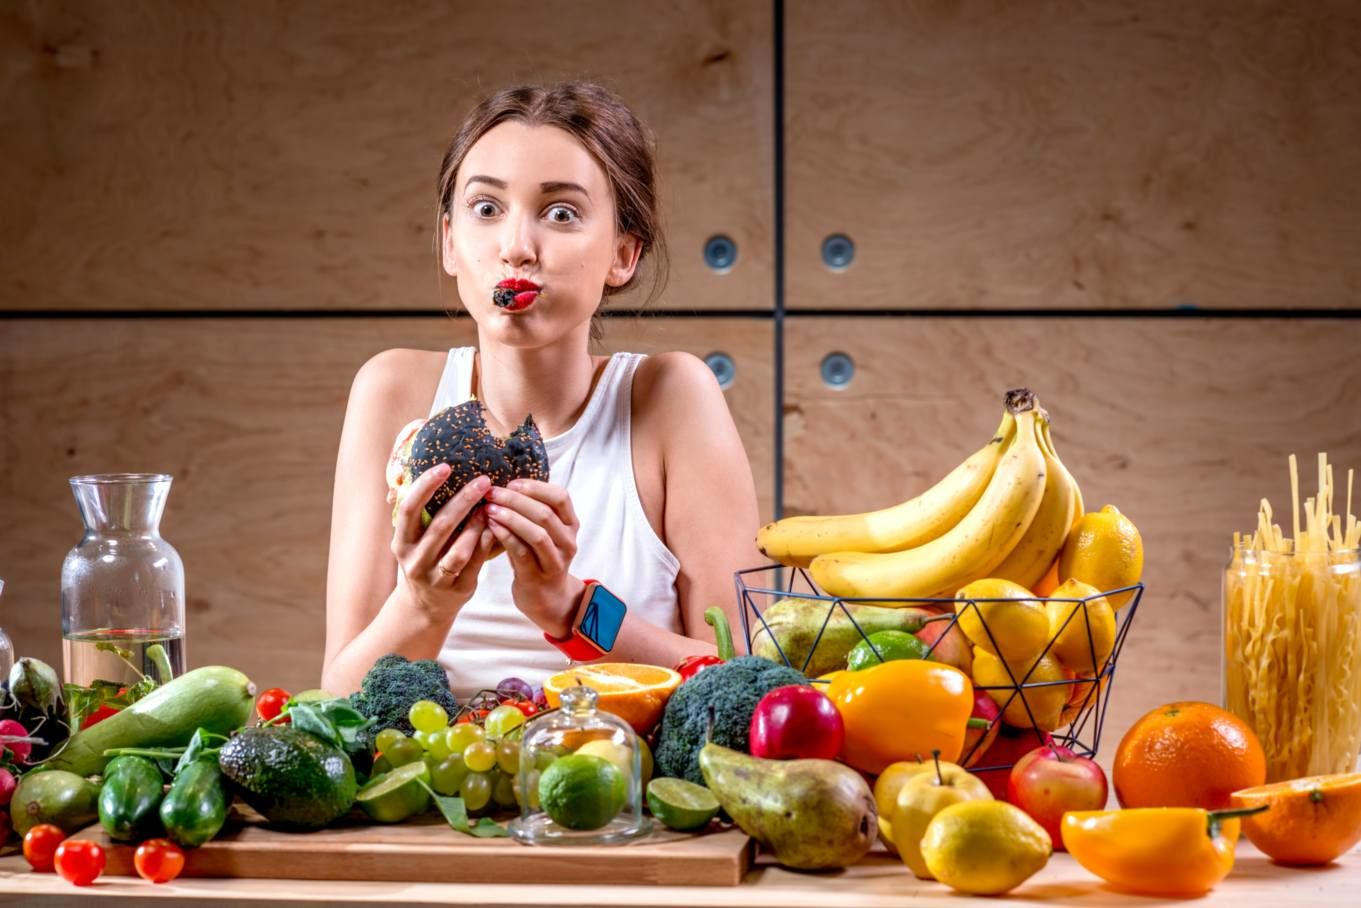 Бессонница и полезный детокс: в какие мифы о еде до сих пор продолжают верить